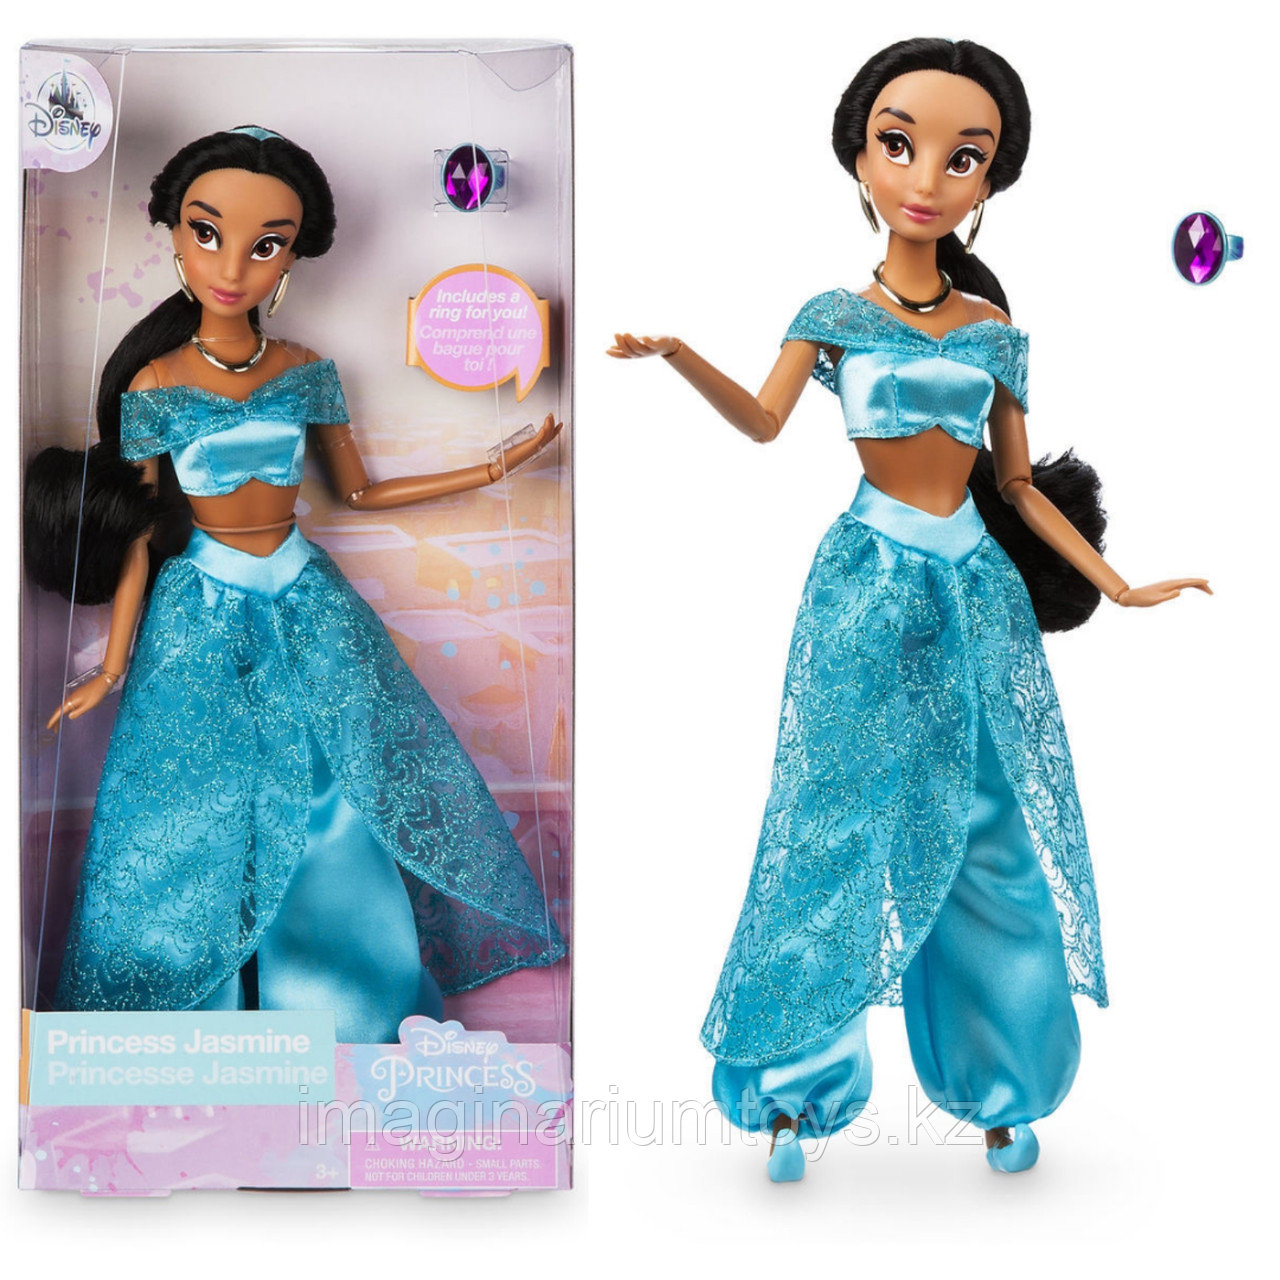 Кукла Жасмин из м/ф «Аладдин» Disney